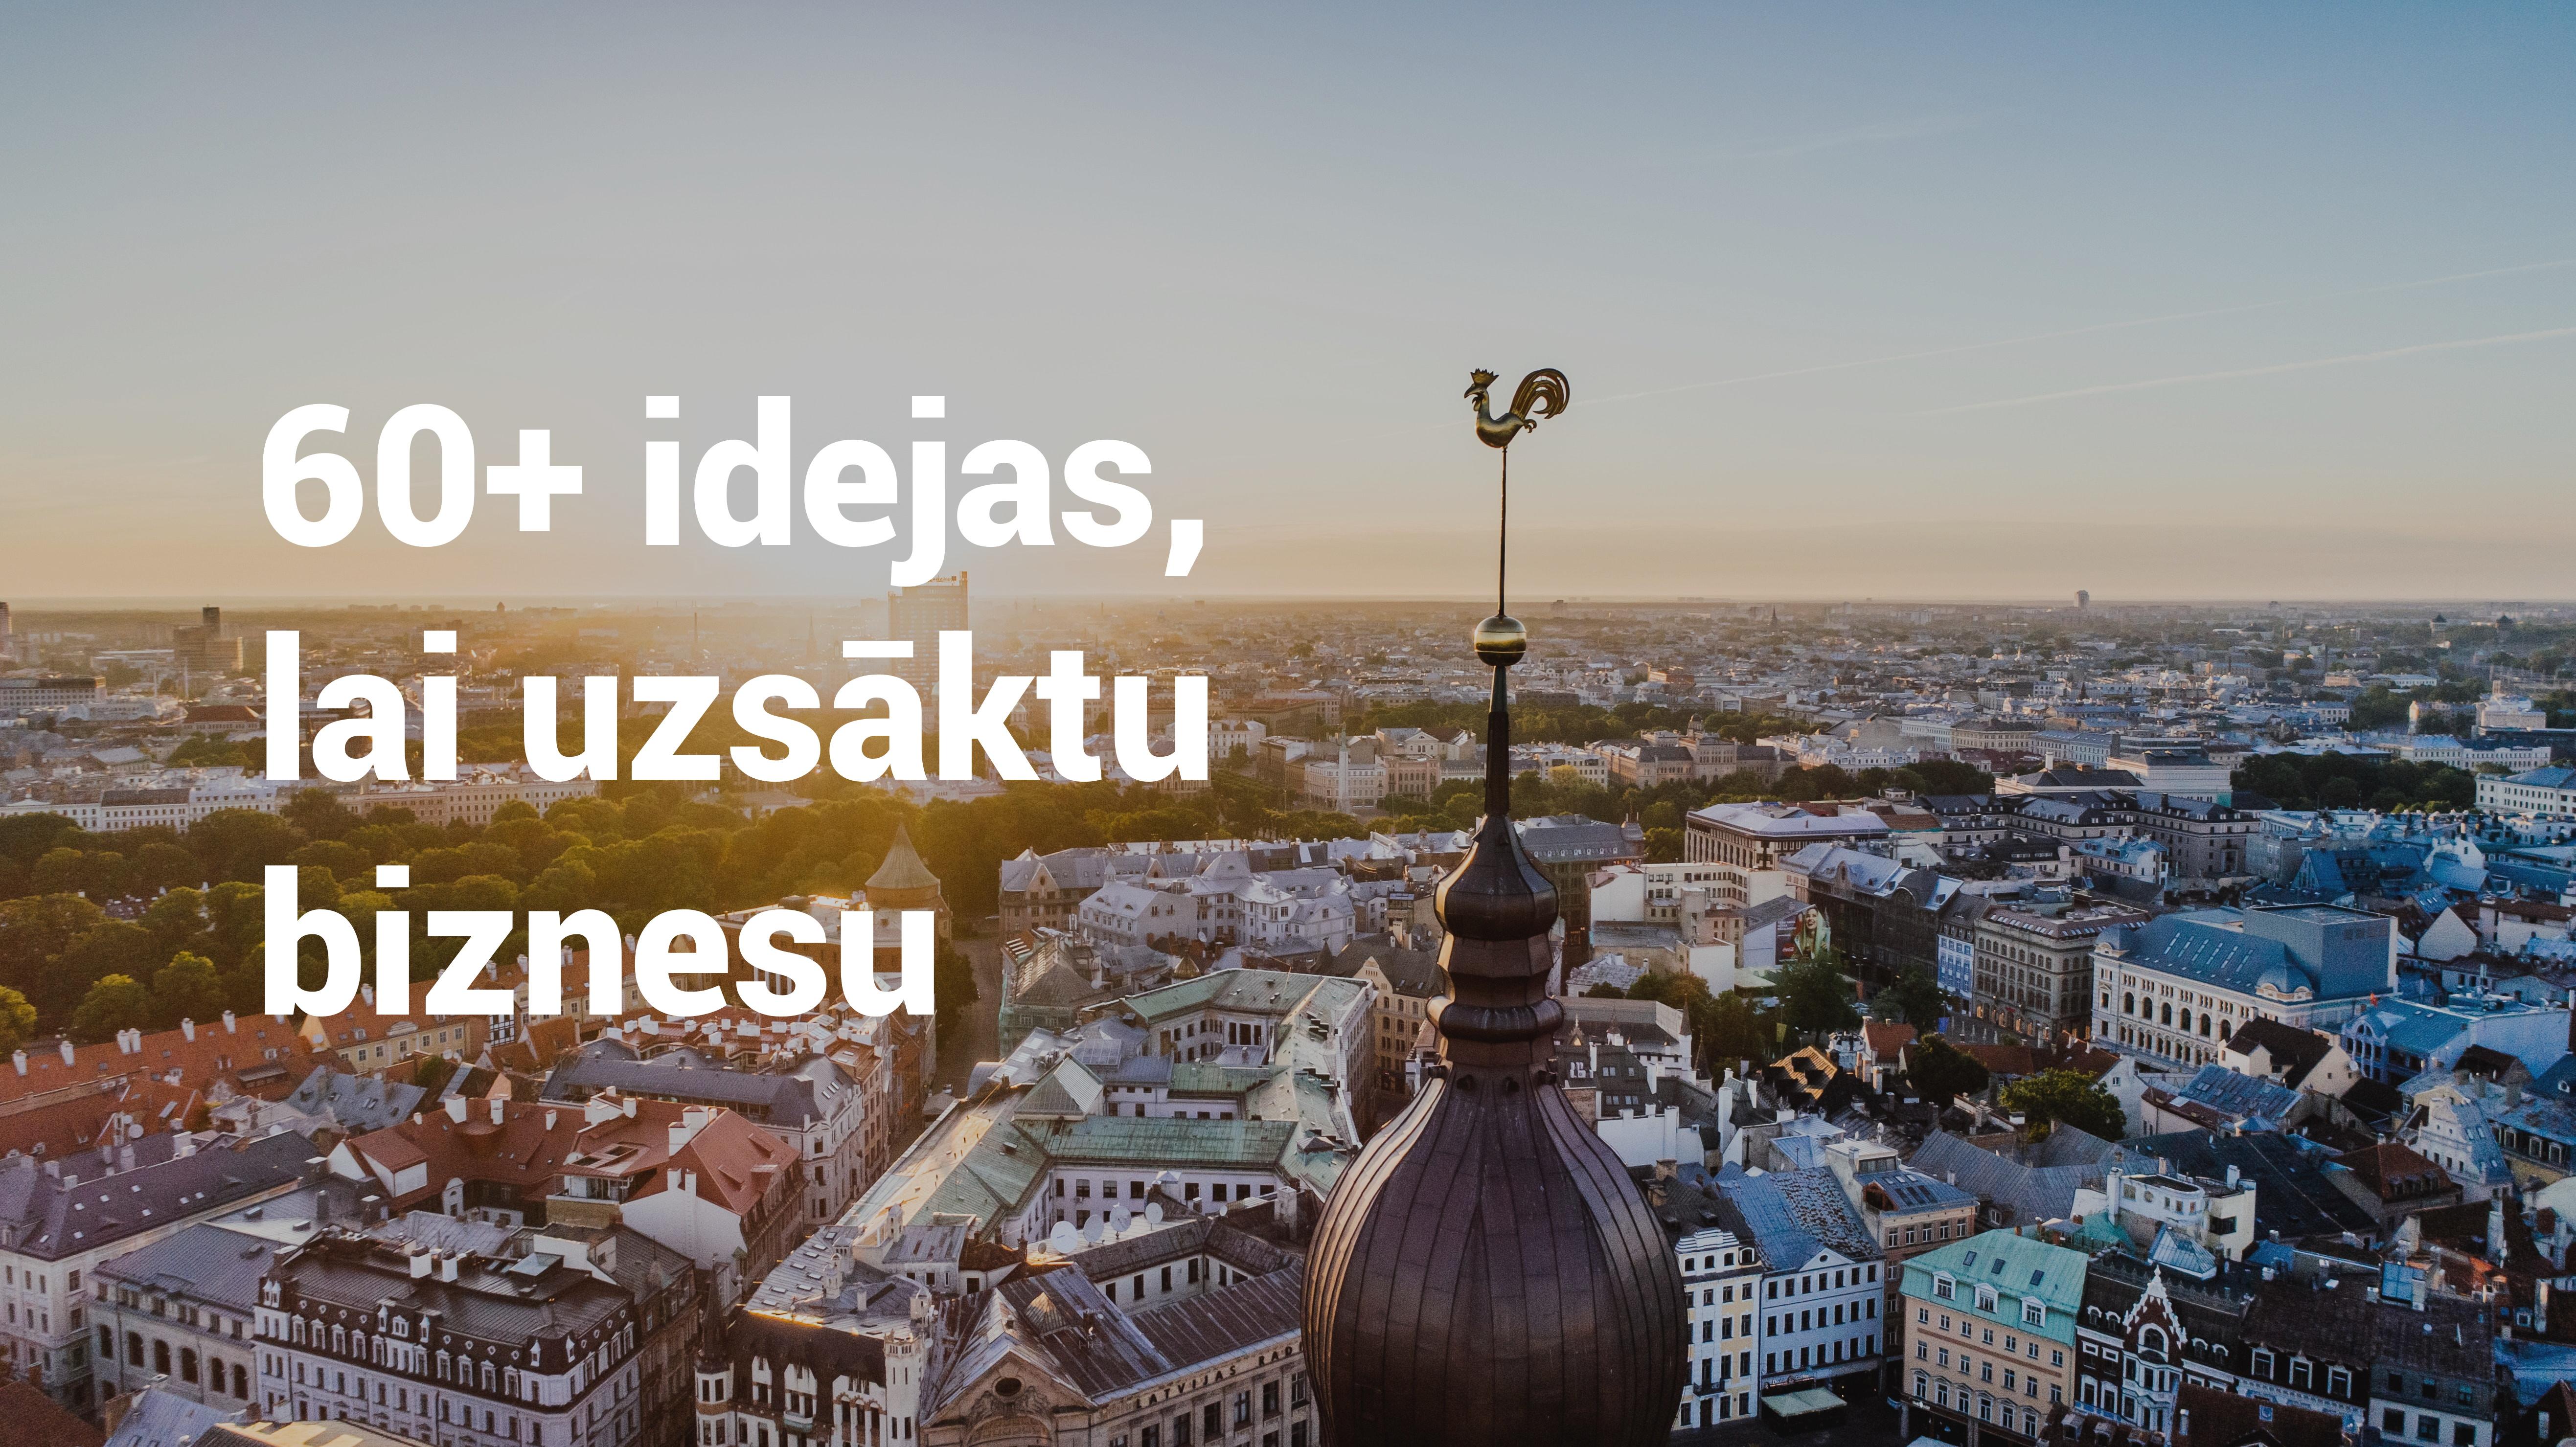 Mozello Blogs - 9 biznesa idejas, kuru uzsākšanai nepieciešams minimāls kapitāls